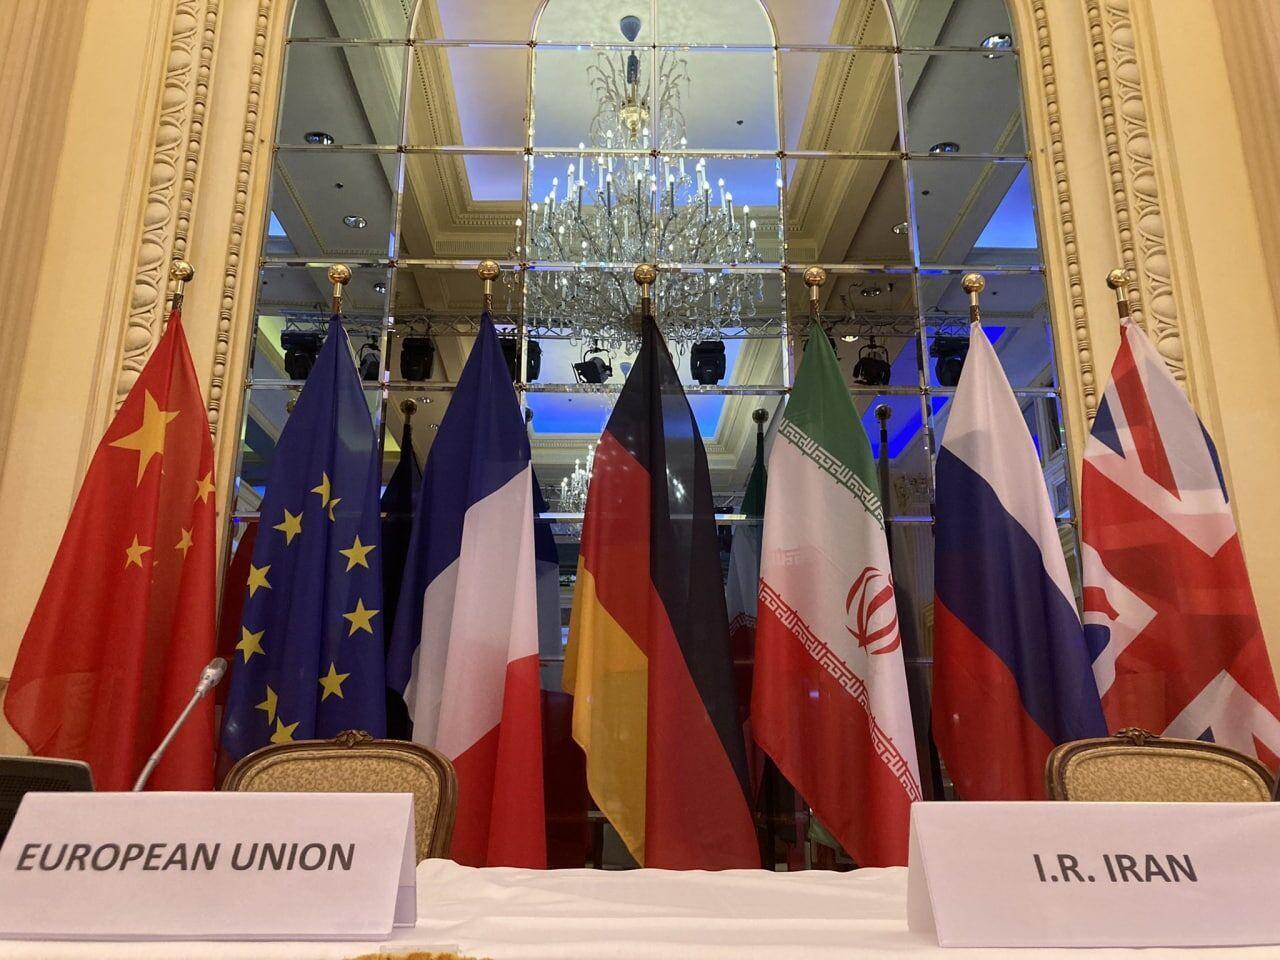 دیپلمات های غربی: احتمالا وقفهای در مذاکرات برجام خواهد بود/ موانع سخت پابرجا هستند